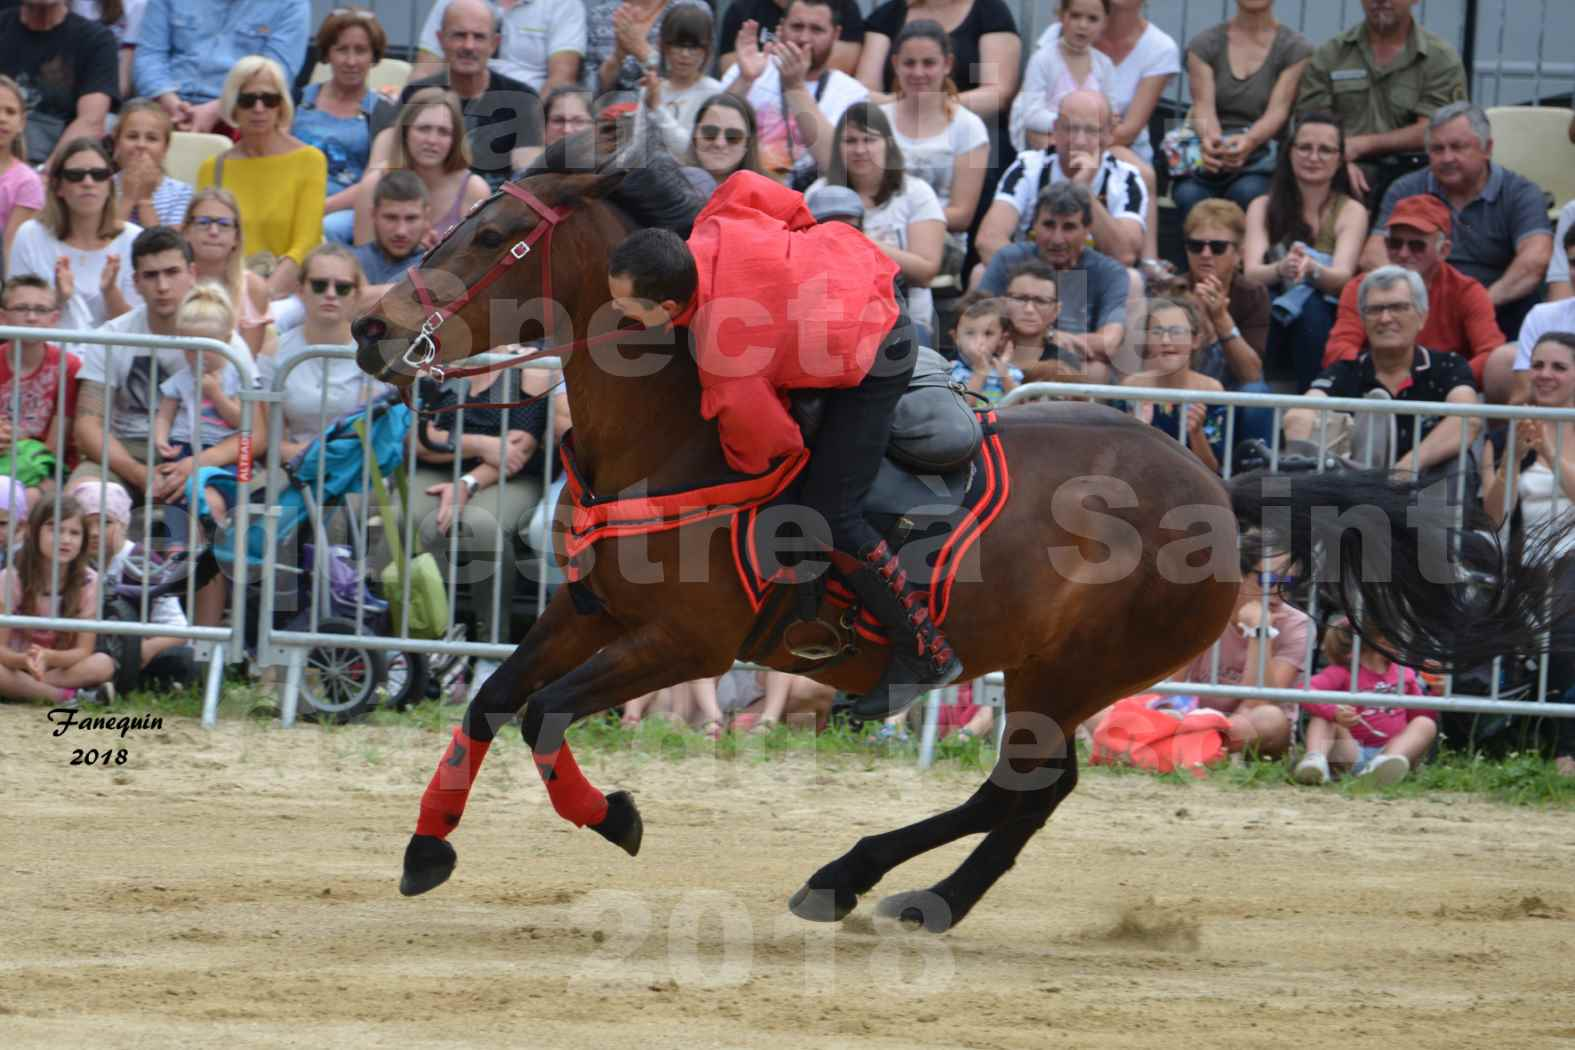 Spectacle Équestre le 3 juin 2018 à Saint Gély du Fesc - Voltige équestre - Troupe de Jean Antoine FIRMIN - 66